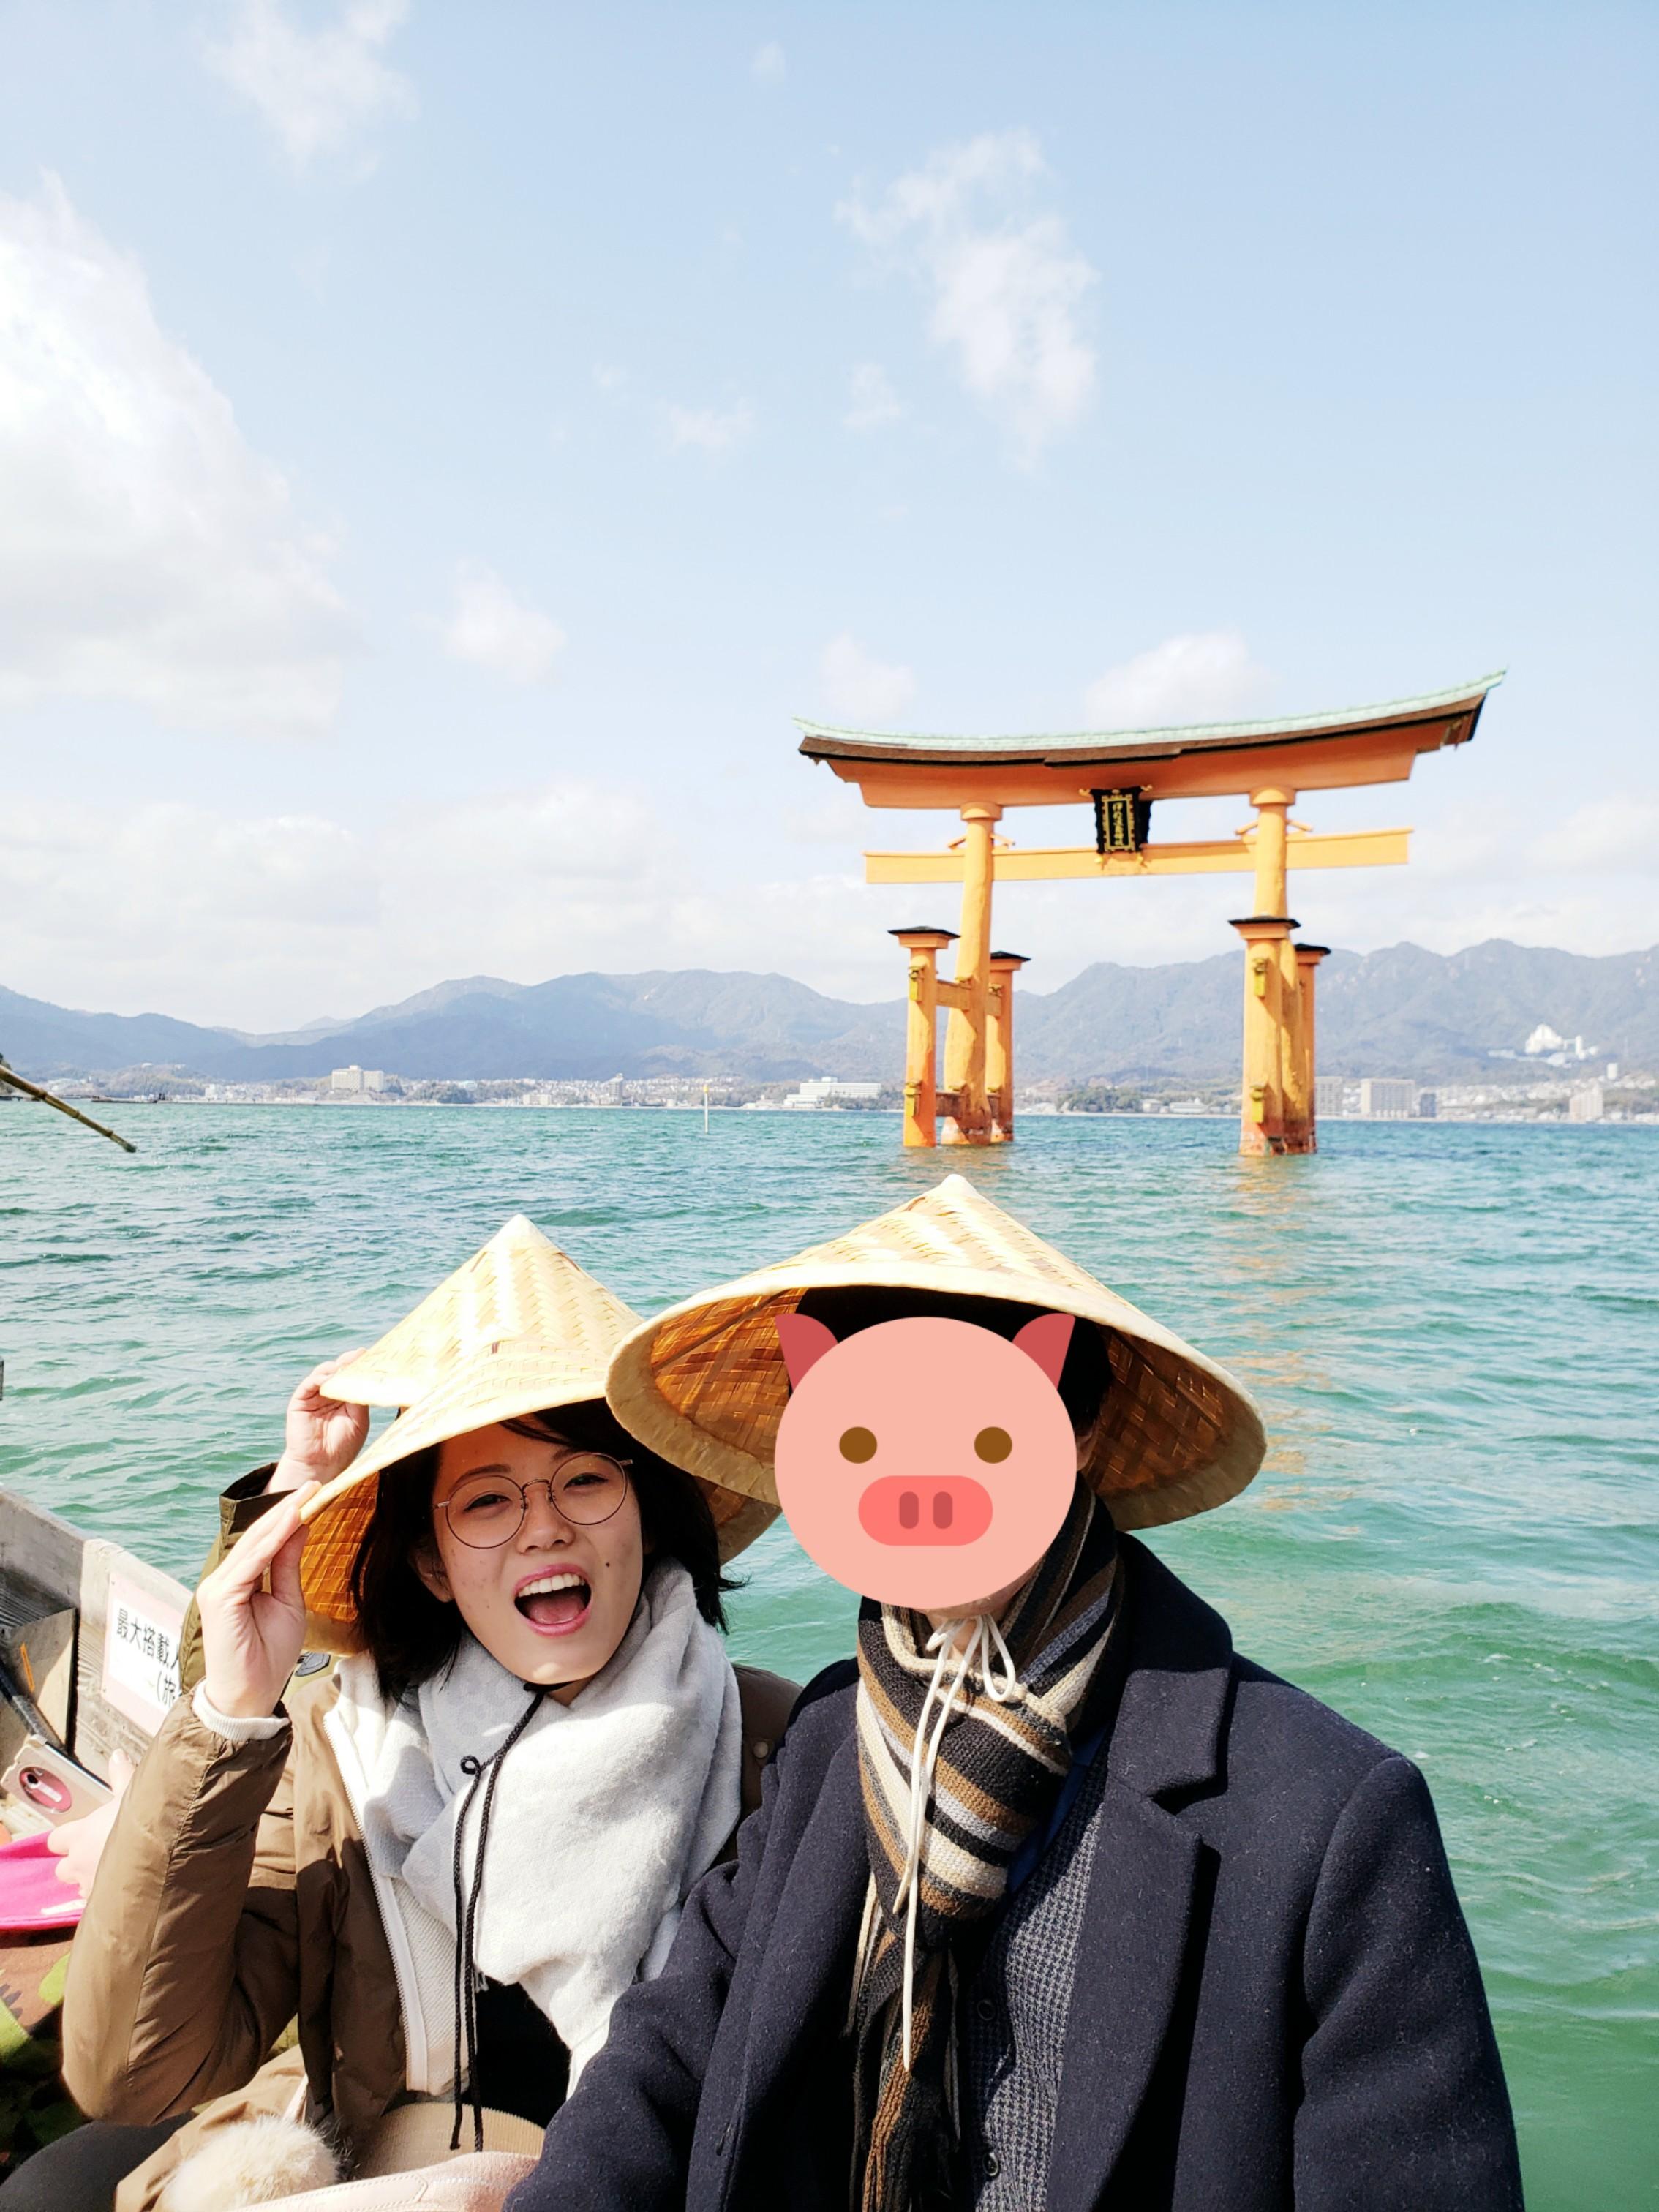 広島女子旅特集 2019 | 人気のお土産やグルメスポットは?_61